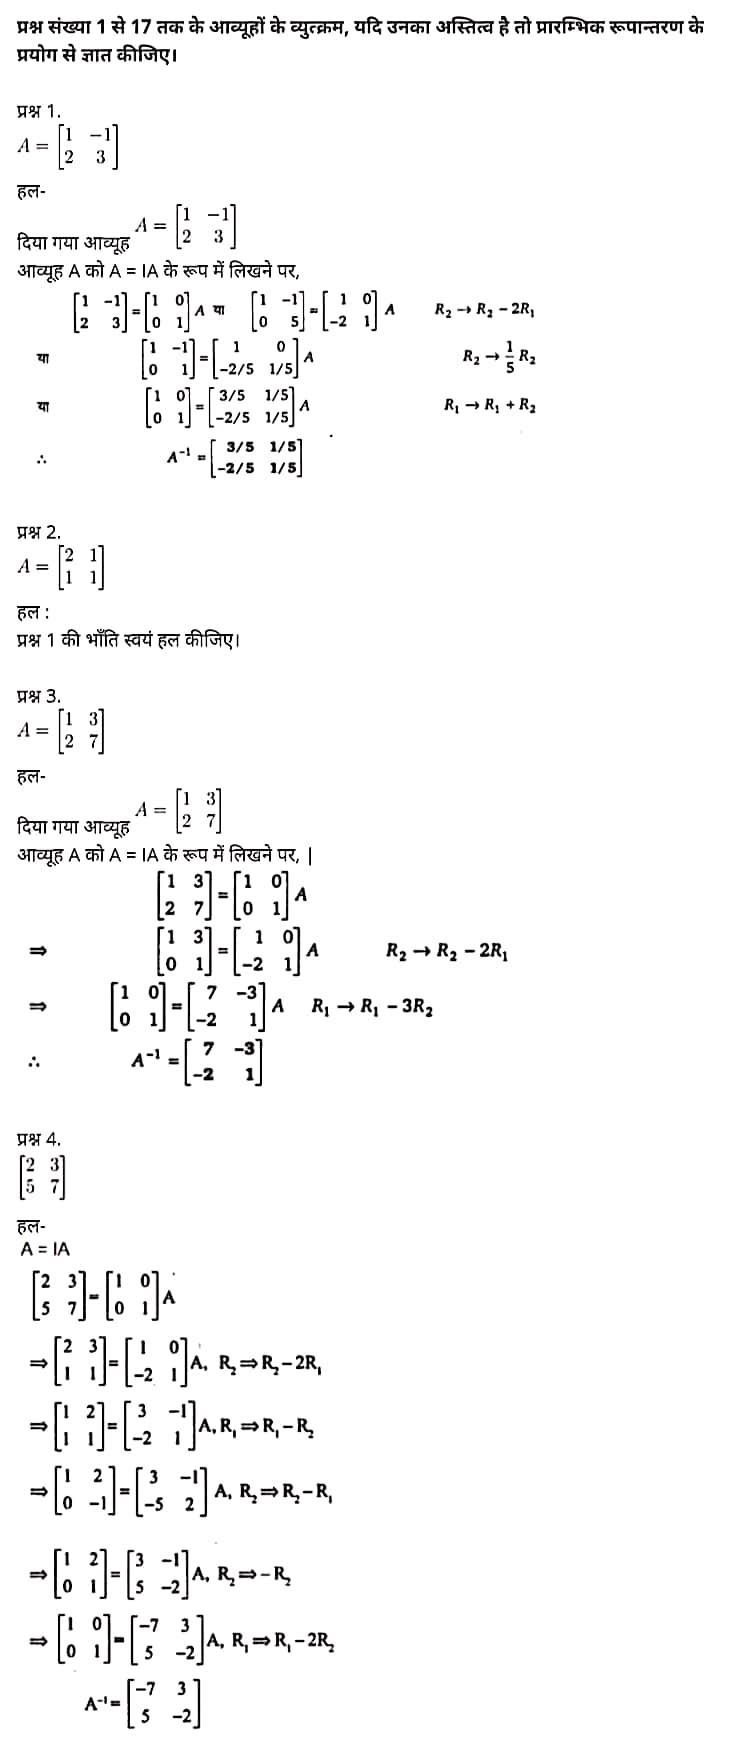 Class 12 Maths Chapter 3,Matrices, Hindi Medium,  मैथ्स कक्षा 12 नोट्स pdf,  मैथ्स कक्षा 12 नोट्स 2020 NCERT,  मैथ्स कक्षा 12 PDF,  मैथ्स पुस्तक,  मैथ्स की बुक,  मैथ्स प्रश्नोत्तरी Class 12, 12 वीं मैथ्स पुस्तक RBSE,  बिहार बोर्ड 12 वीं मैथ्स नोट्स,   12th Maths book in hindi,12th Maths notes in hindi,cbse books for class 12,cbse books in hindi,cbse ncert books,class 12 Maths notes in hindi,class 12 hindi ncert solutions,Maths 2020,Maths 2021,Maths 2022,Maths book class 12,Maths book in hindi,Maths class 12 in hindi,Maths notes for class 12 up board in hindi,ncert all books,ncert app in hindi,ncert book solution,ncert books class 10,ncert books class 12,ncert books for class 7,ncert books for upsc in hindi,ncert books in hindi class 10,ncert books in hindi for class 12 Maths,ncert books in hindi for class 6,ncert books in hindi pdf,ncert class 12 hindi book,ncert english book,ncert Maths book in hindi,ncert Maths books in hindi pdf,ncert Maths class 12,ncert in hindi,old ncert books in hindi,online ncert books in hindi,up board 12th,up board 12th syllabus,up board class 10 hindi book,up board class 12 books,up board class 12 new syllabus,up Board Maths 2020,up Board Maths 2021,up Board Maths 2022,up Board Maths 2023,up board intermediate Maths syllabus,up board intermediate syllabus 2021,Up board Master 2021,up board model paper 2021,up board model paper all subject,up board new syllabus of class 12th Maths,up board paper 2021,Up board syllabus 2021,UP board syllabus 2022,  12 veen maiths buk hindee mein, 12 veen maiths nots hindee mein, seebeeesasee kitaaben 12 ke lie, seebeeesasee kitaaben hindee mein, seebeeesasee enaseeaaratee kitaaben, klaas 12 maiths nots in hindee, klaas 12 hindee enaseeteeaar solyooshans, maiths 2020, maiths 2021, maiths 2022, maiths buk klaas 12, maiths buk in hindee, maiths klaas 12 hindee mein, maiths nots phor klaas 12 ap bord in hindee, nchairt all books, nchairt app in hindi, nchairt book solution, nchairt books klaas 10, nchairt books